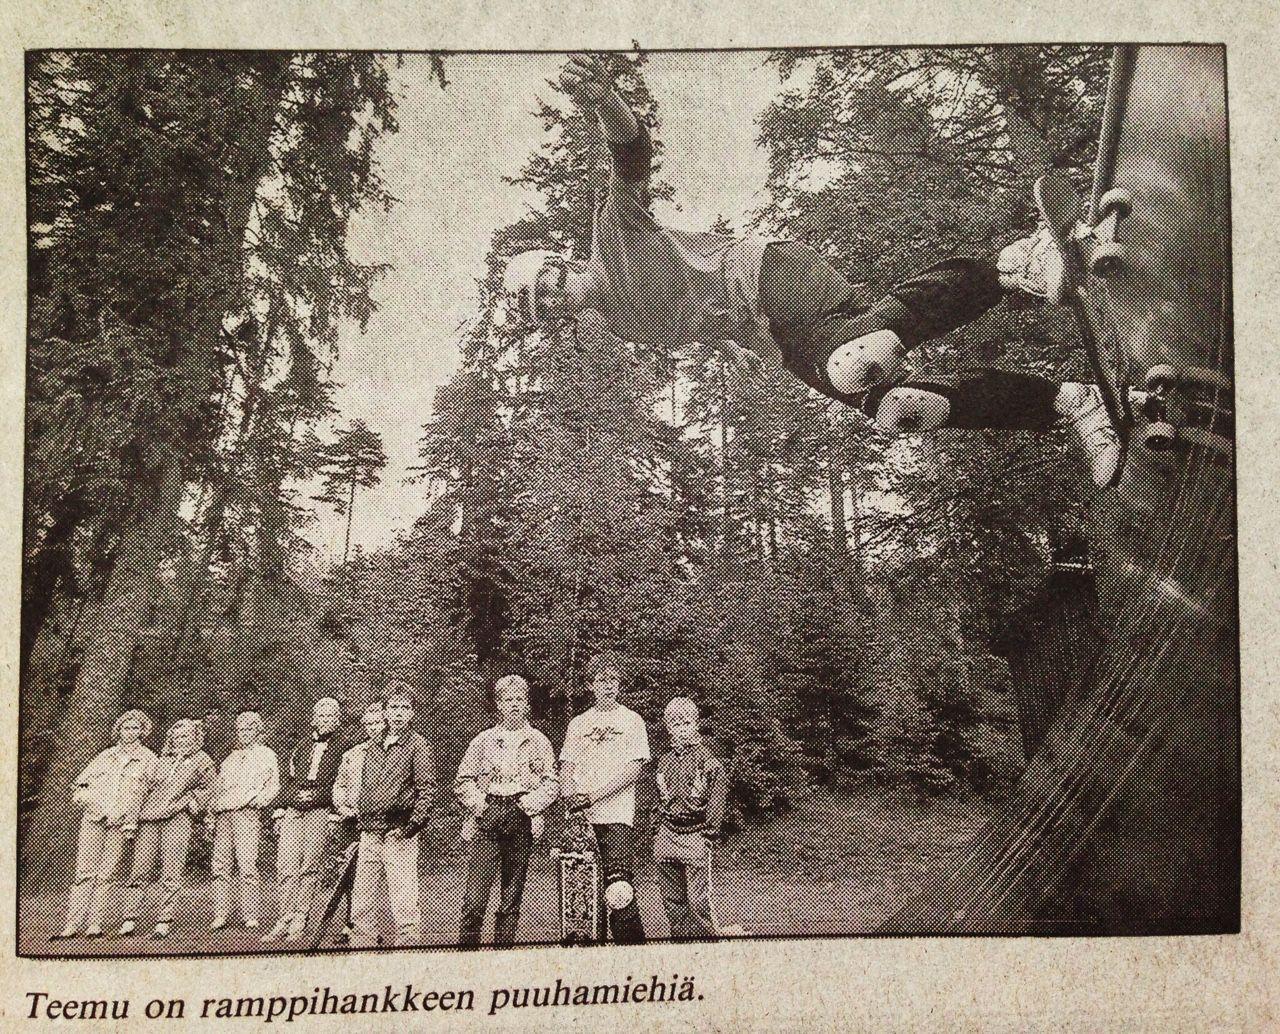 Siihen aikaan kun saatiin verttiramppi - vaikka miniä pyydettiin.  #rullalauta #skateboard #oldschool #jokioinen #tb #forssa